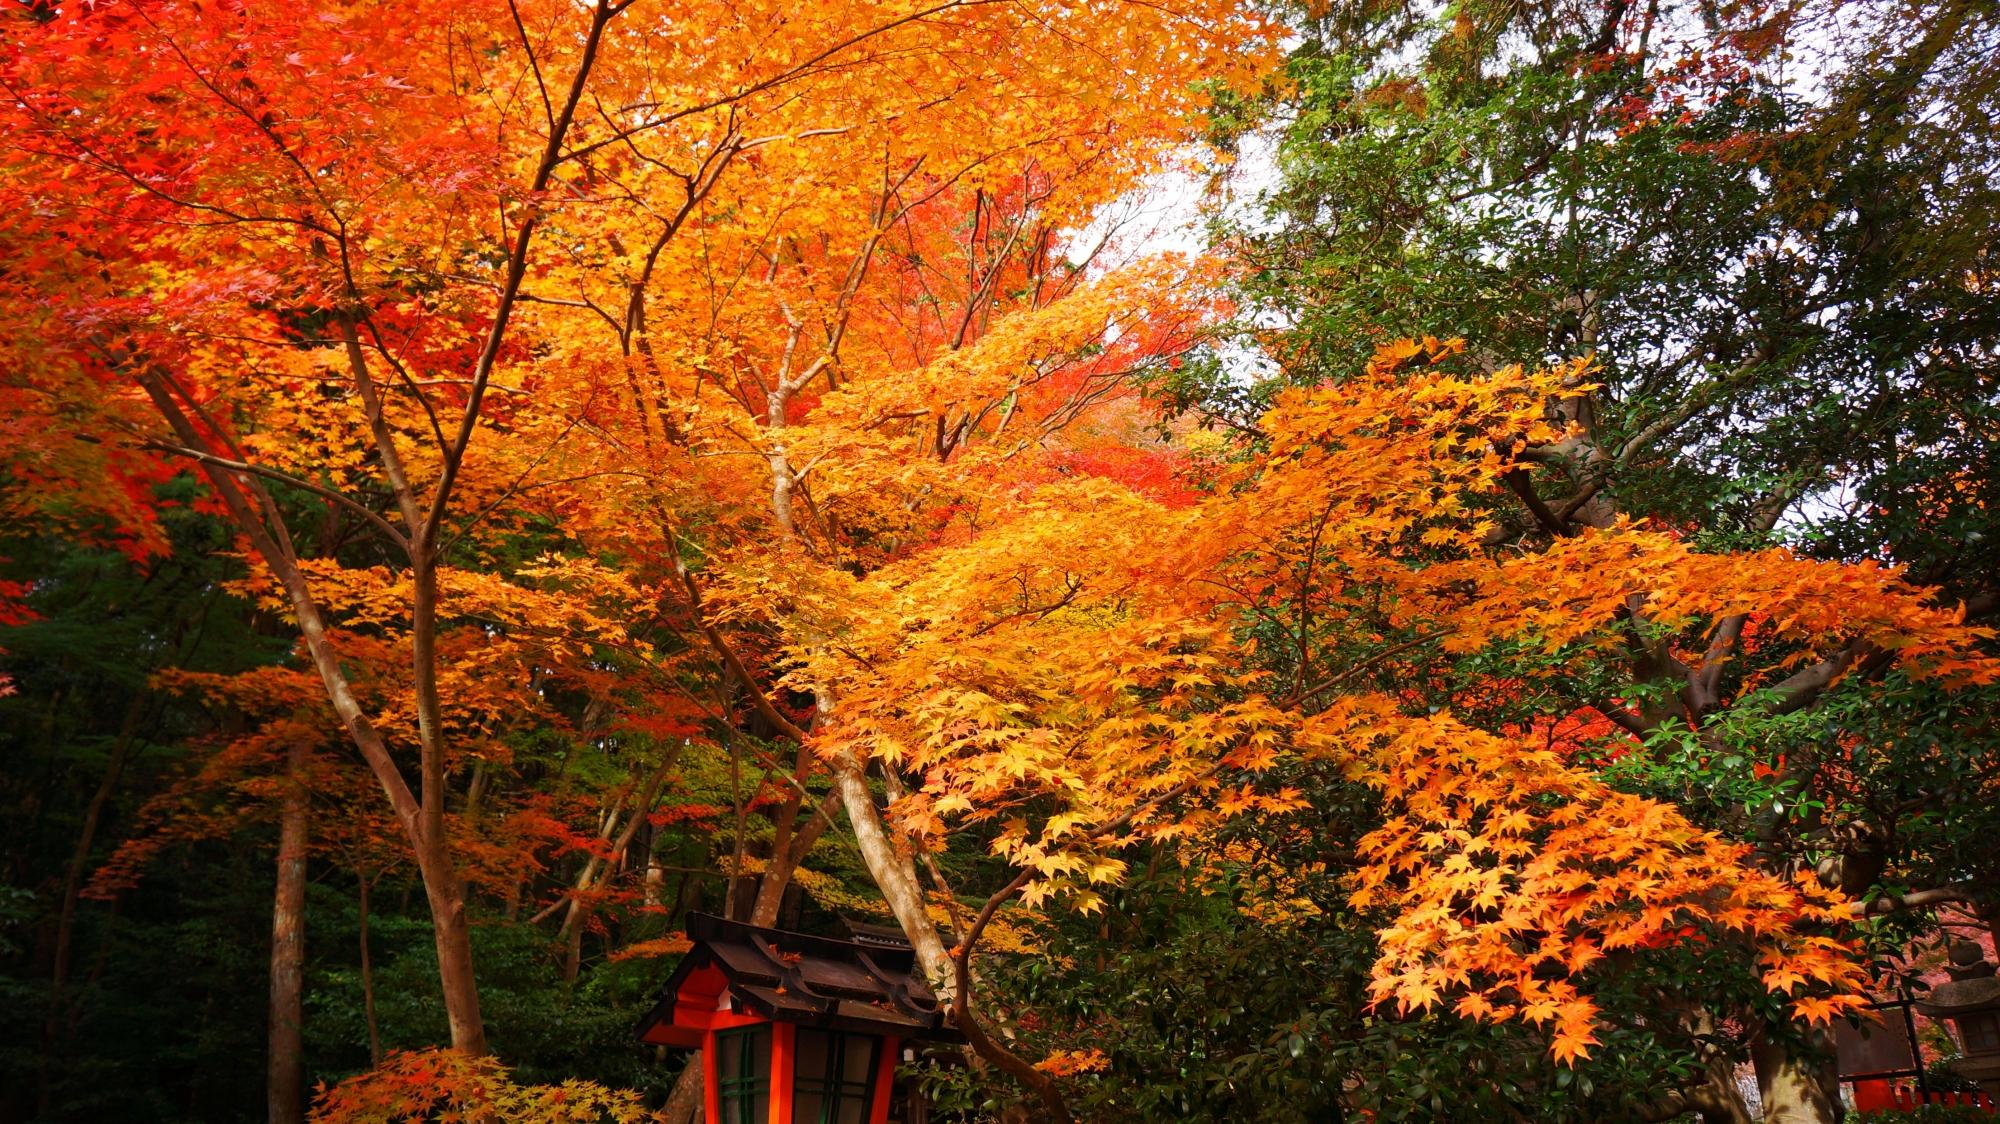 大原野神社の紅葉の空間